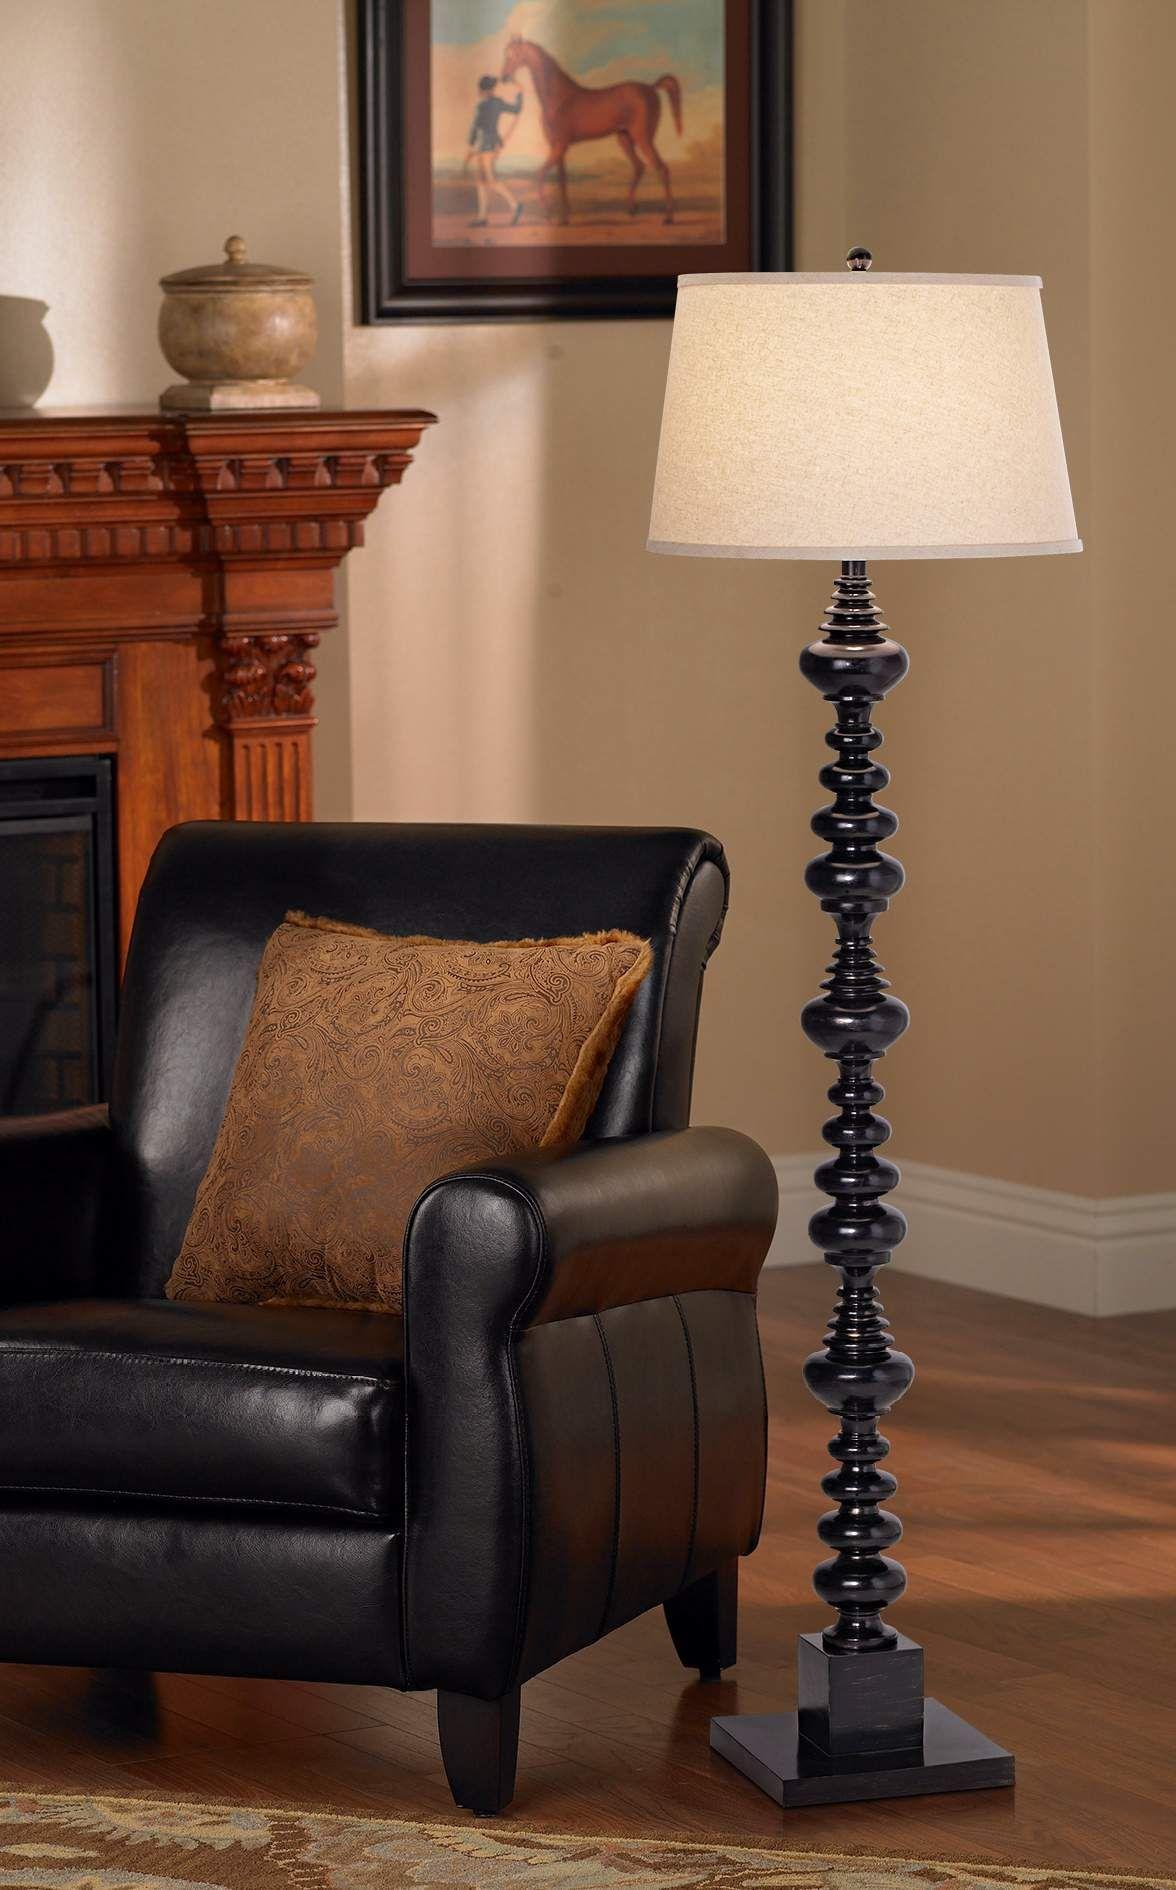 Kathy ireland essentials 61 14 high spiral floor lamp